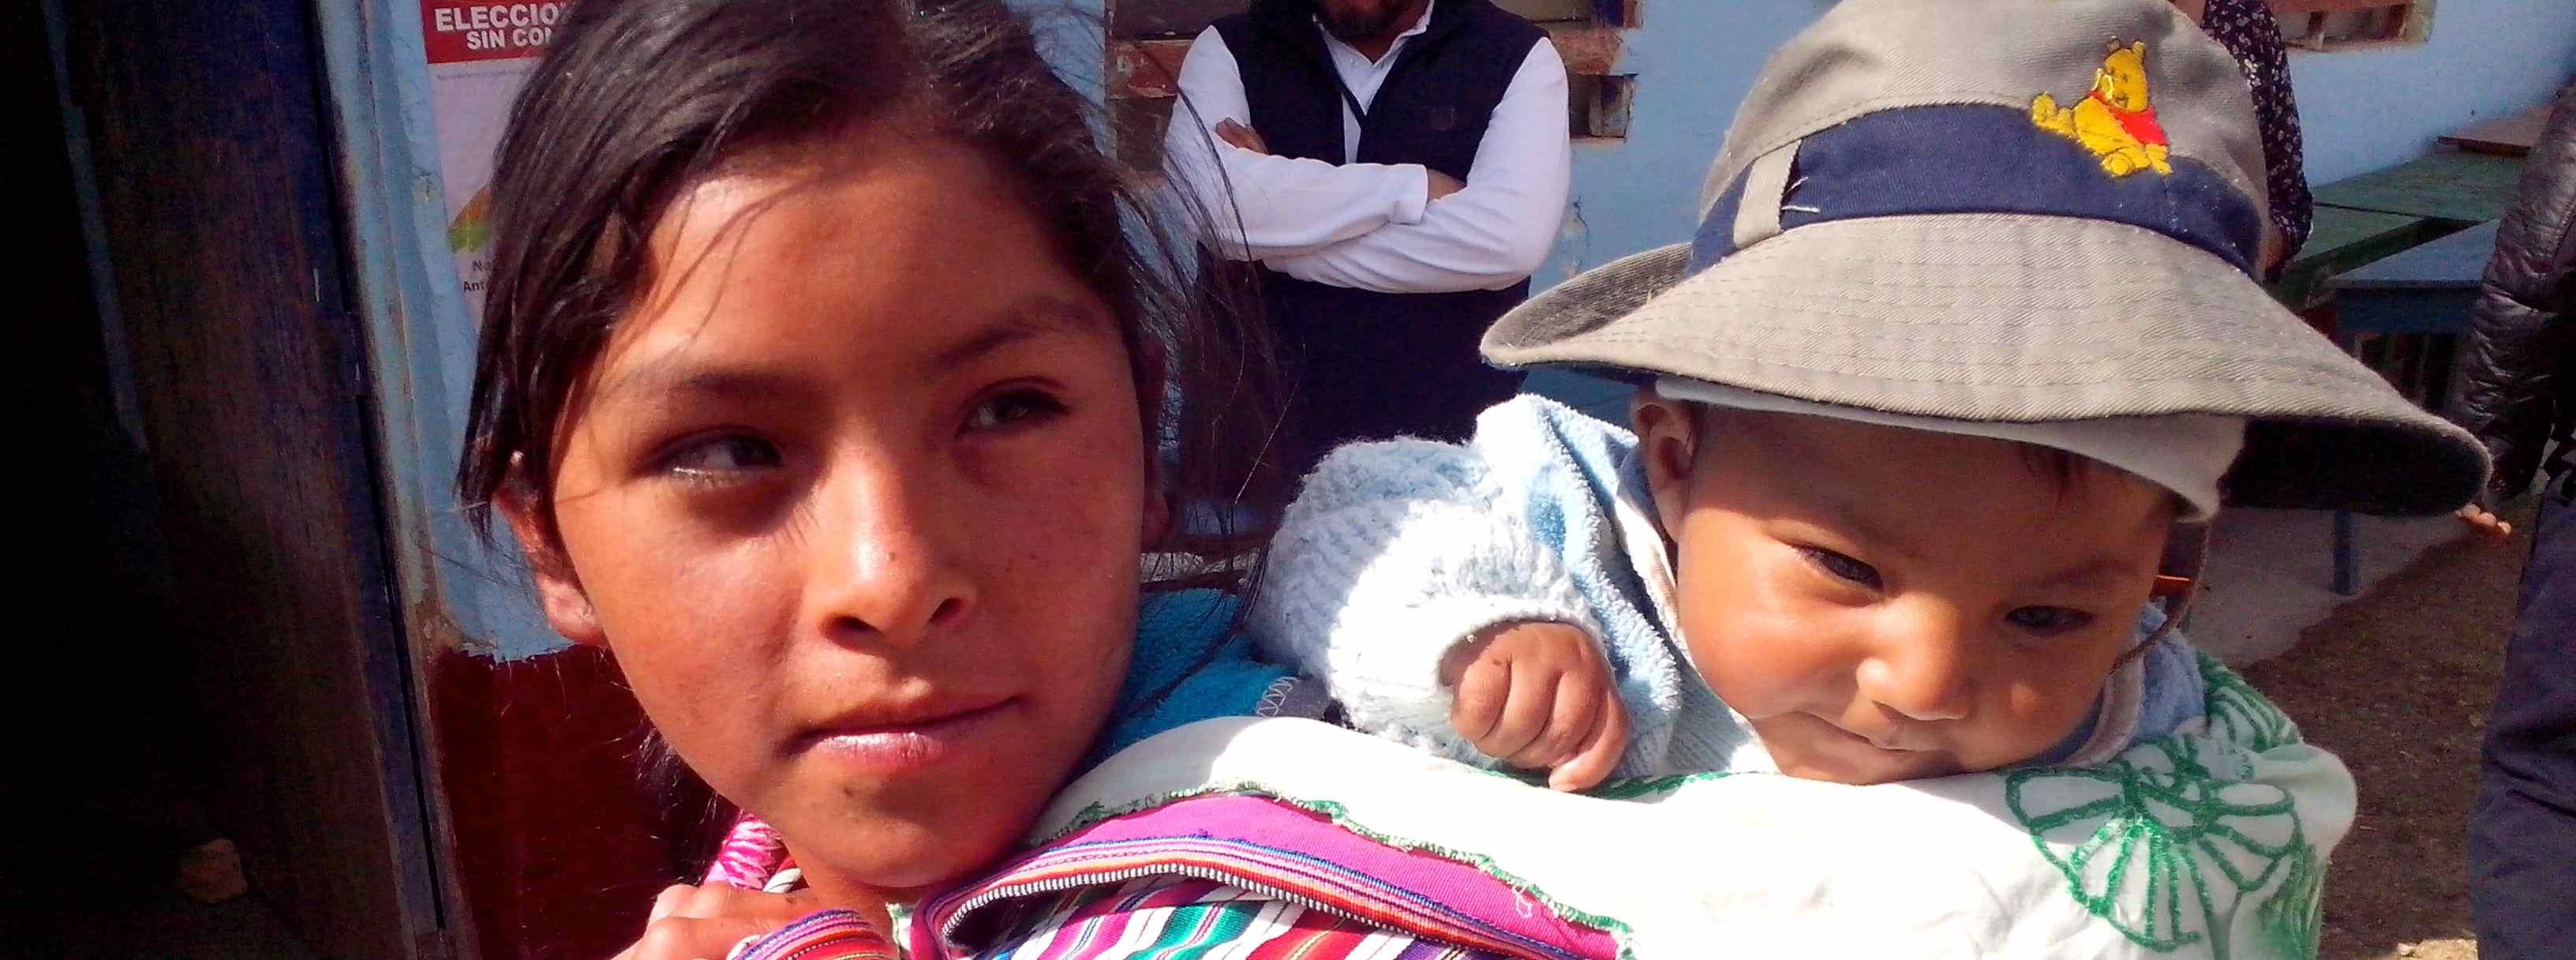 Niña y niño en Chullcupampa, Perú. Foto: Néstor Deras